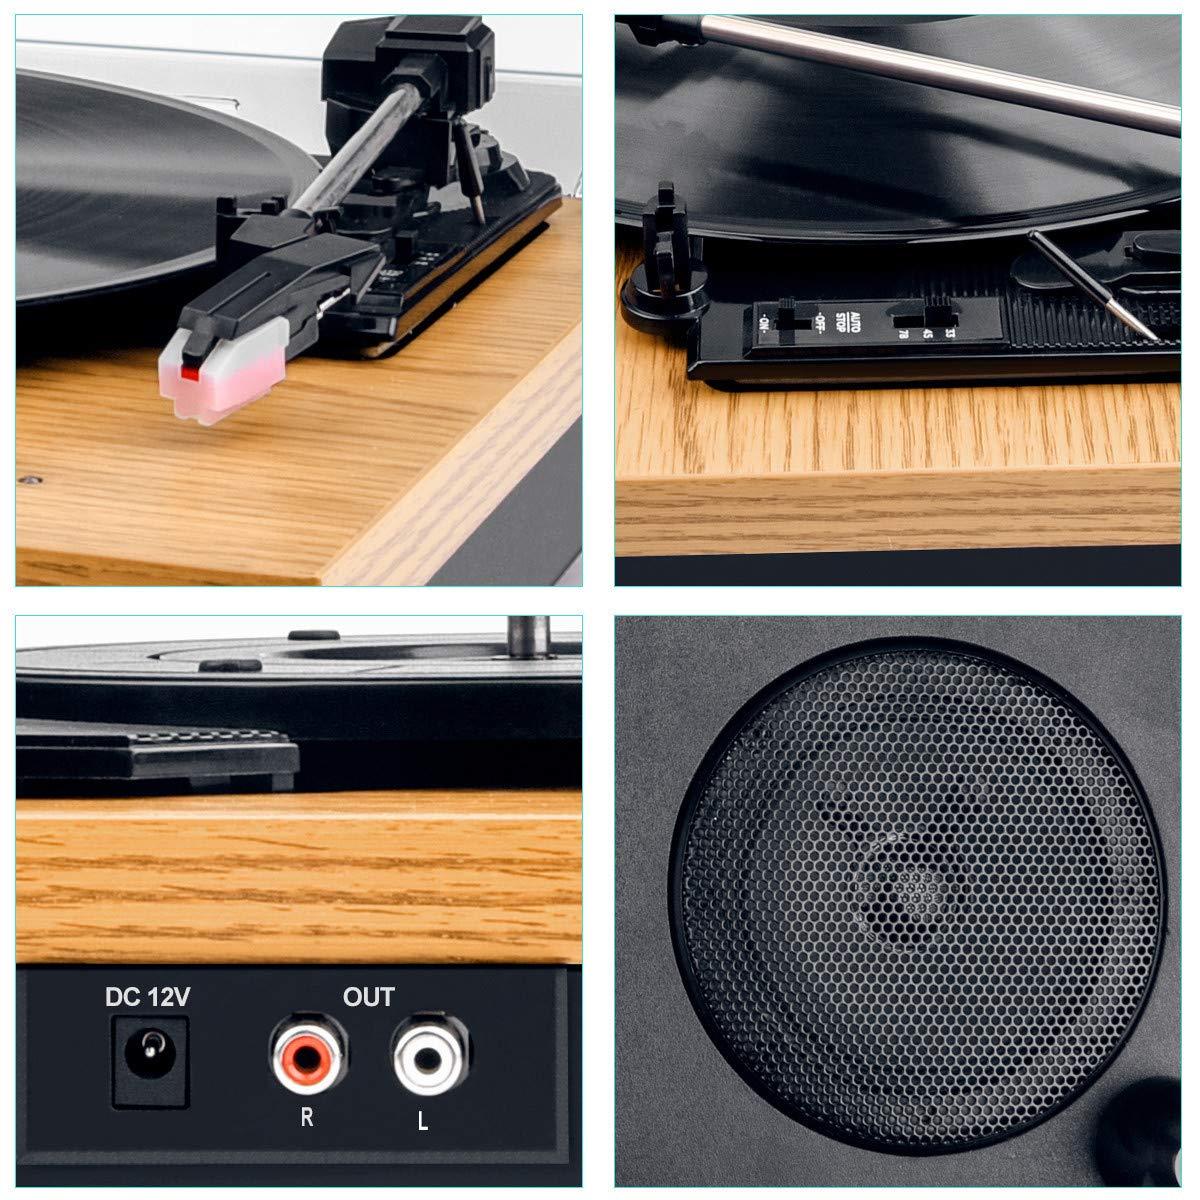 Platine Vinyle,Popsky Tourne-Disque Bluetooth 3 Vitesses /à Plateau tournant Vintage avec Haut-Parleur Lecteur Vinyle Portable LP Sortie Ligne RCA Bois Naturel